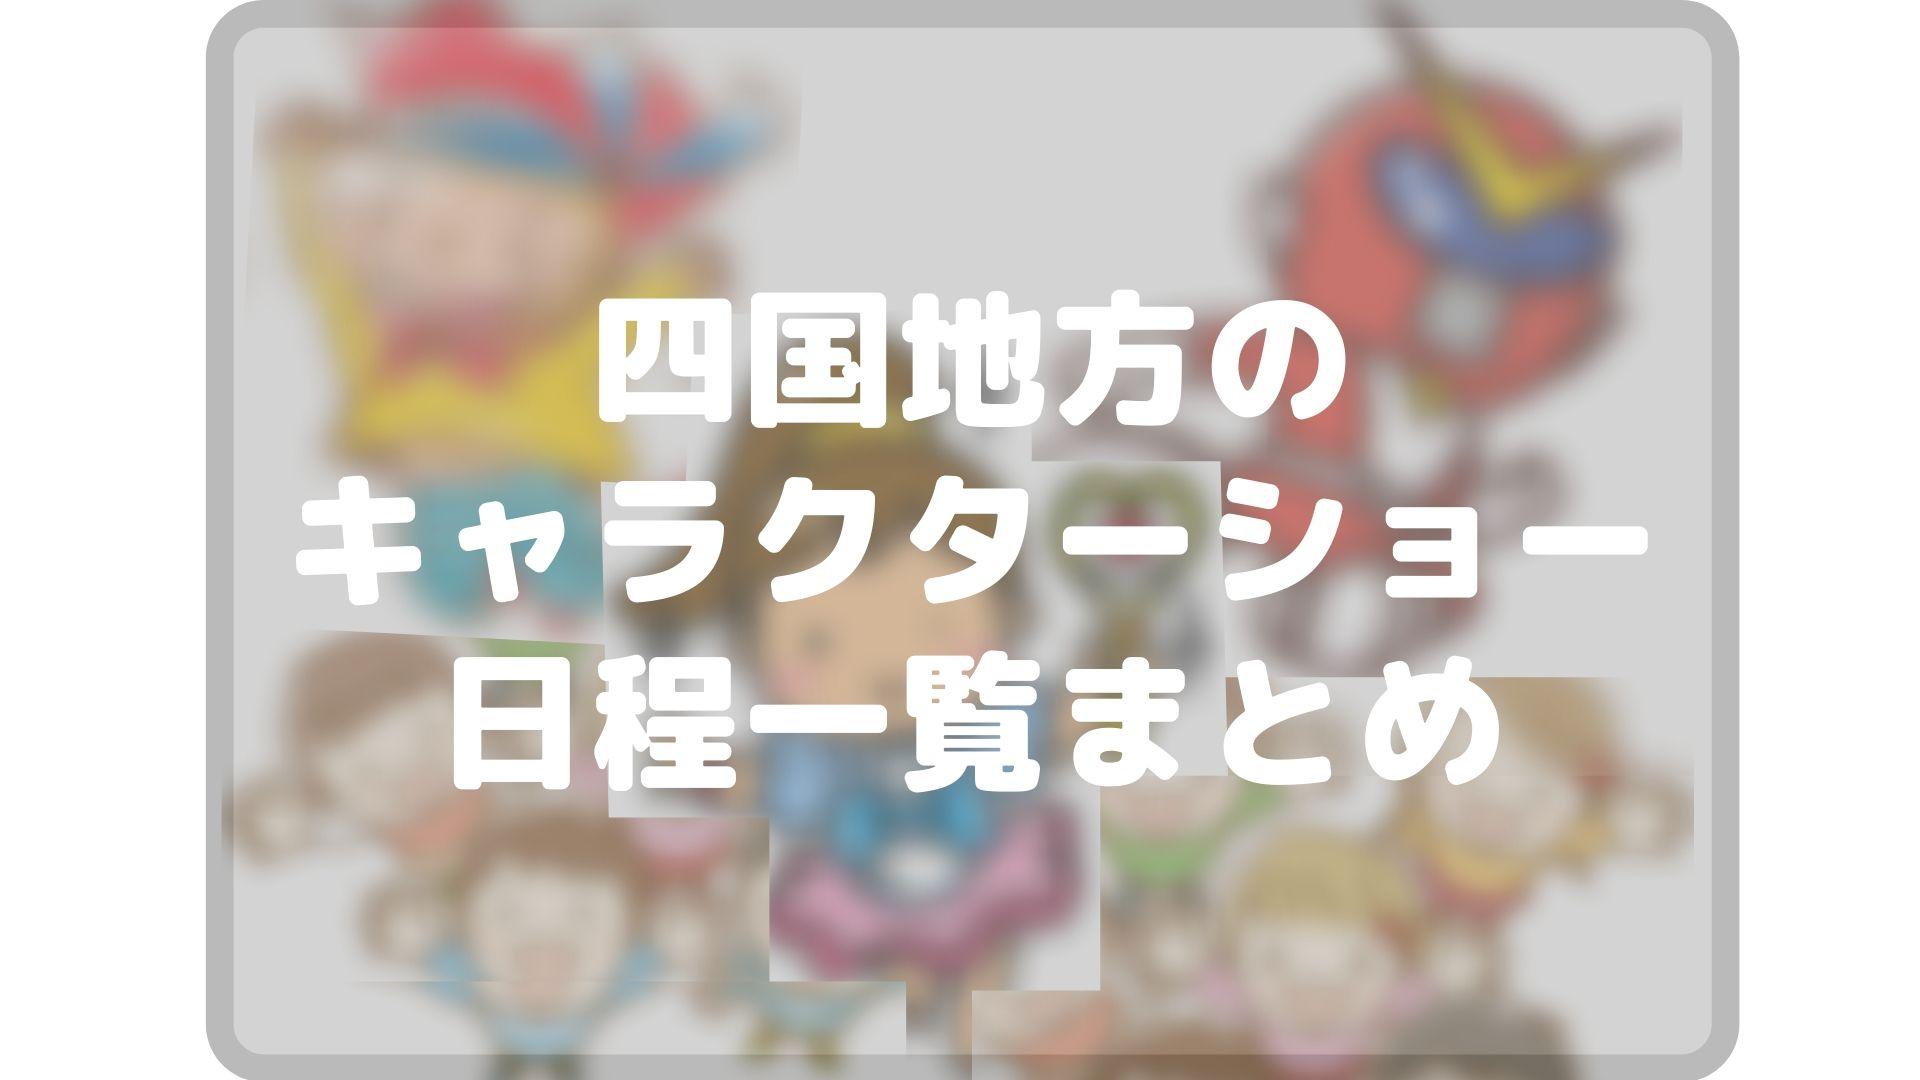 四国地方のキャラクターショーまとめタイトル画像